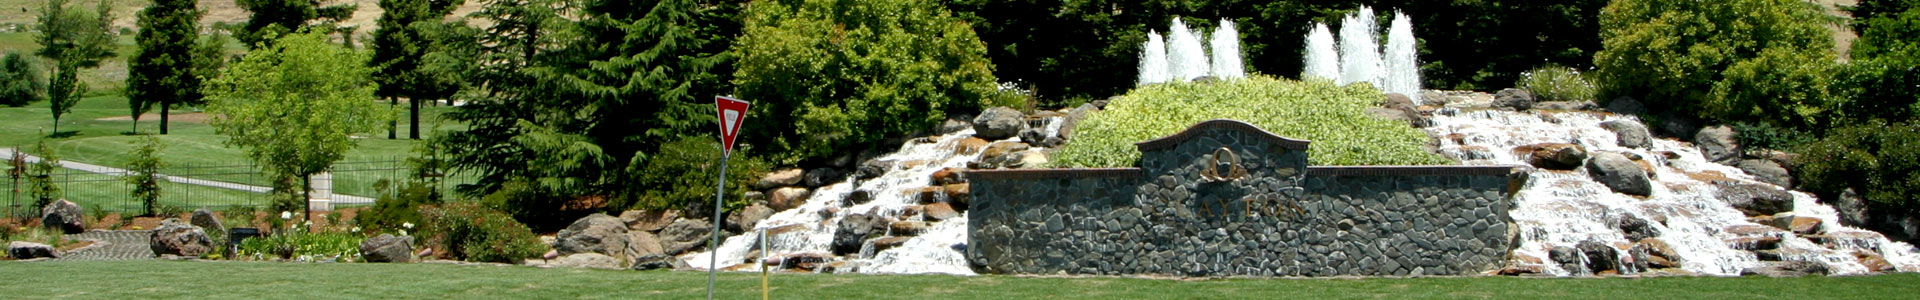 clayton-fountain-e